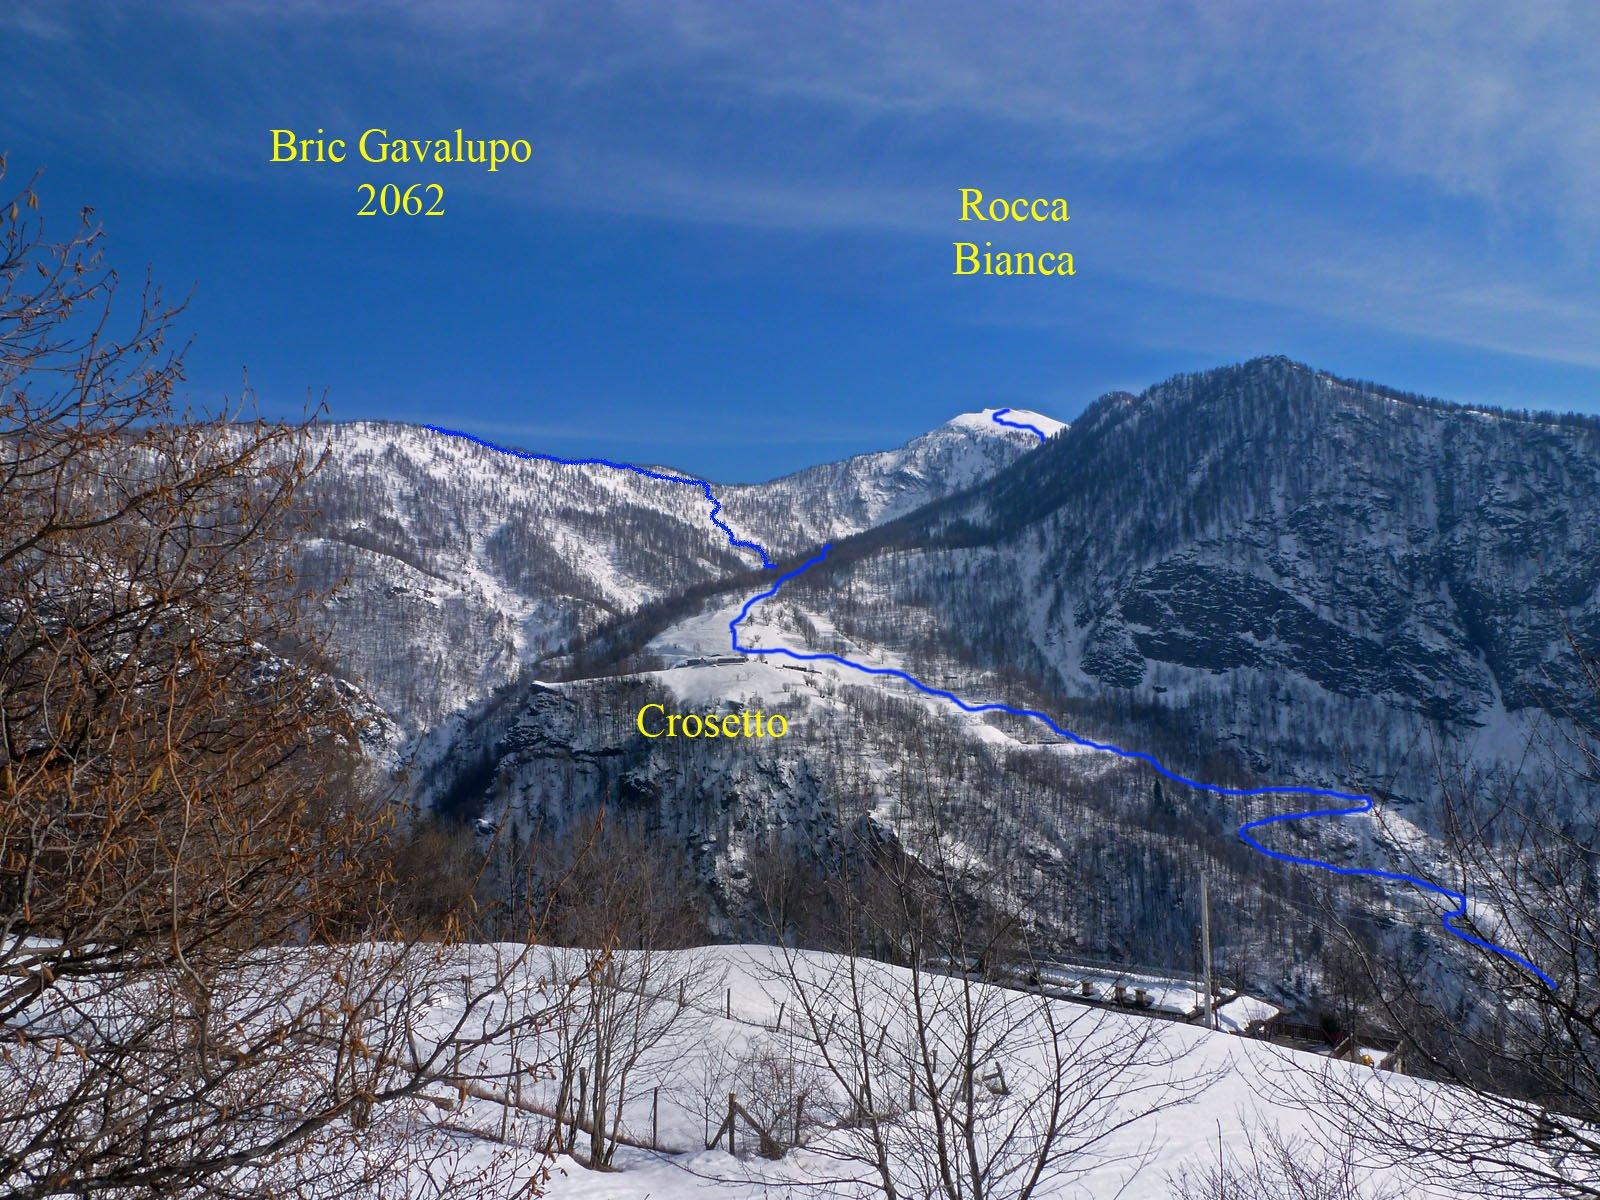 Itinerari per Bric Gavalupo e Rocca Bianca da Crosetto